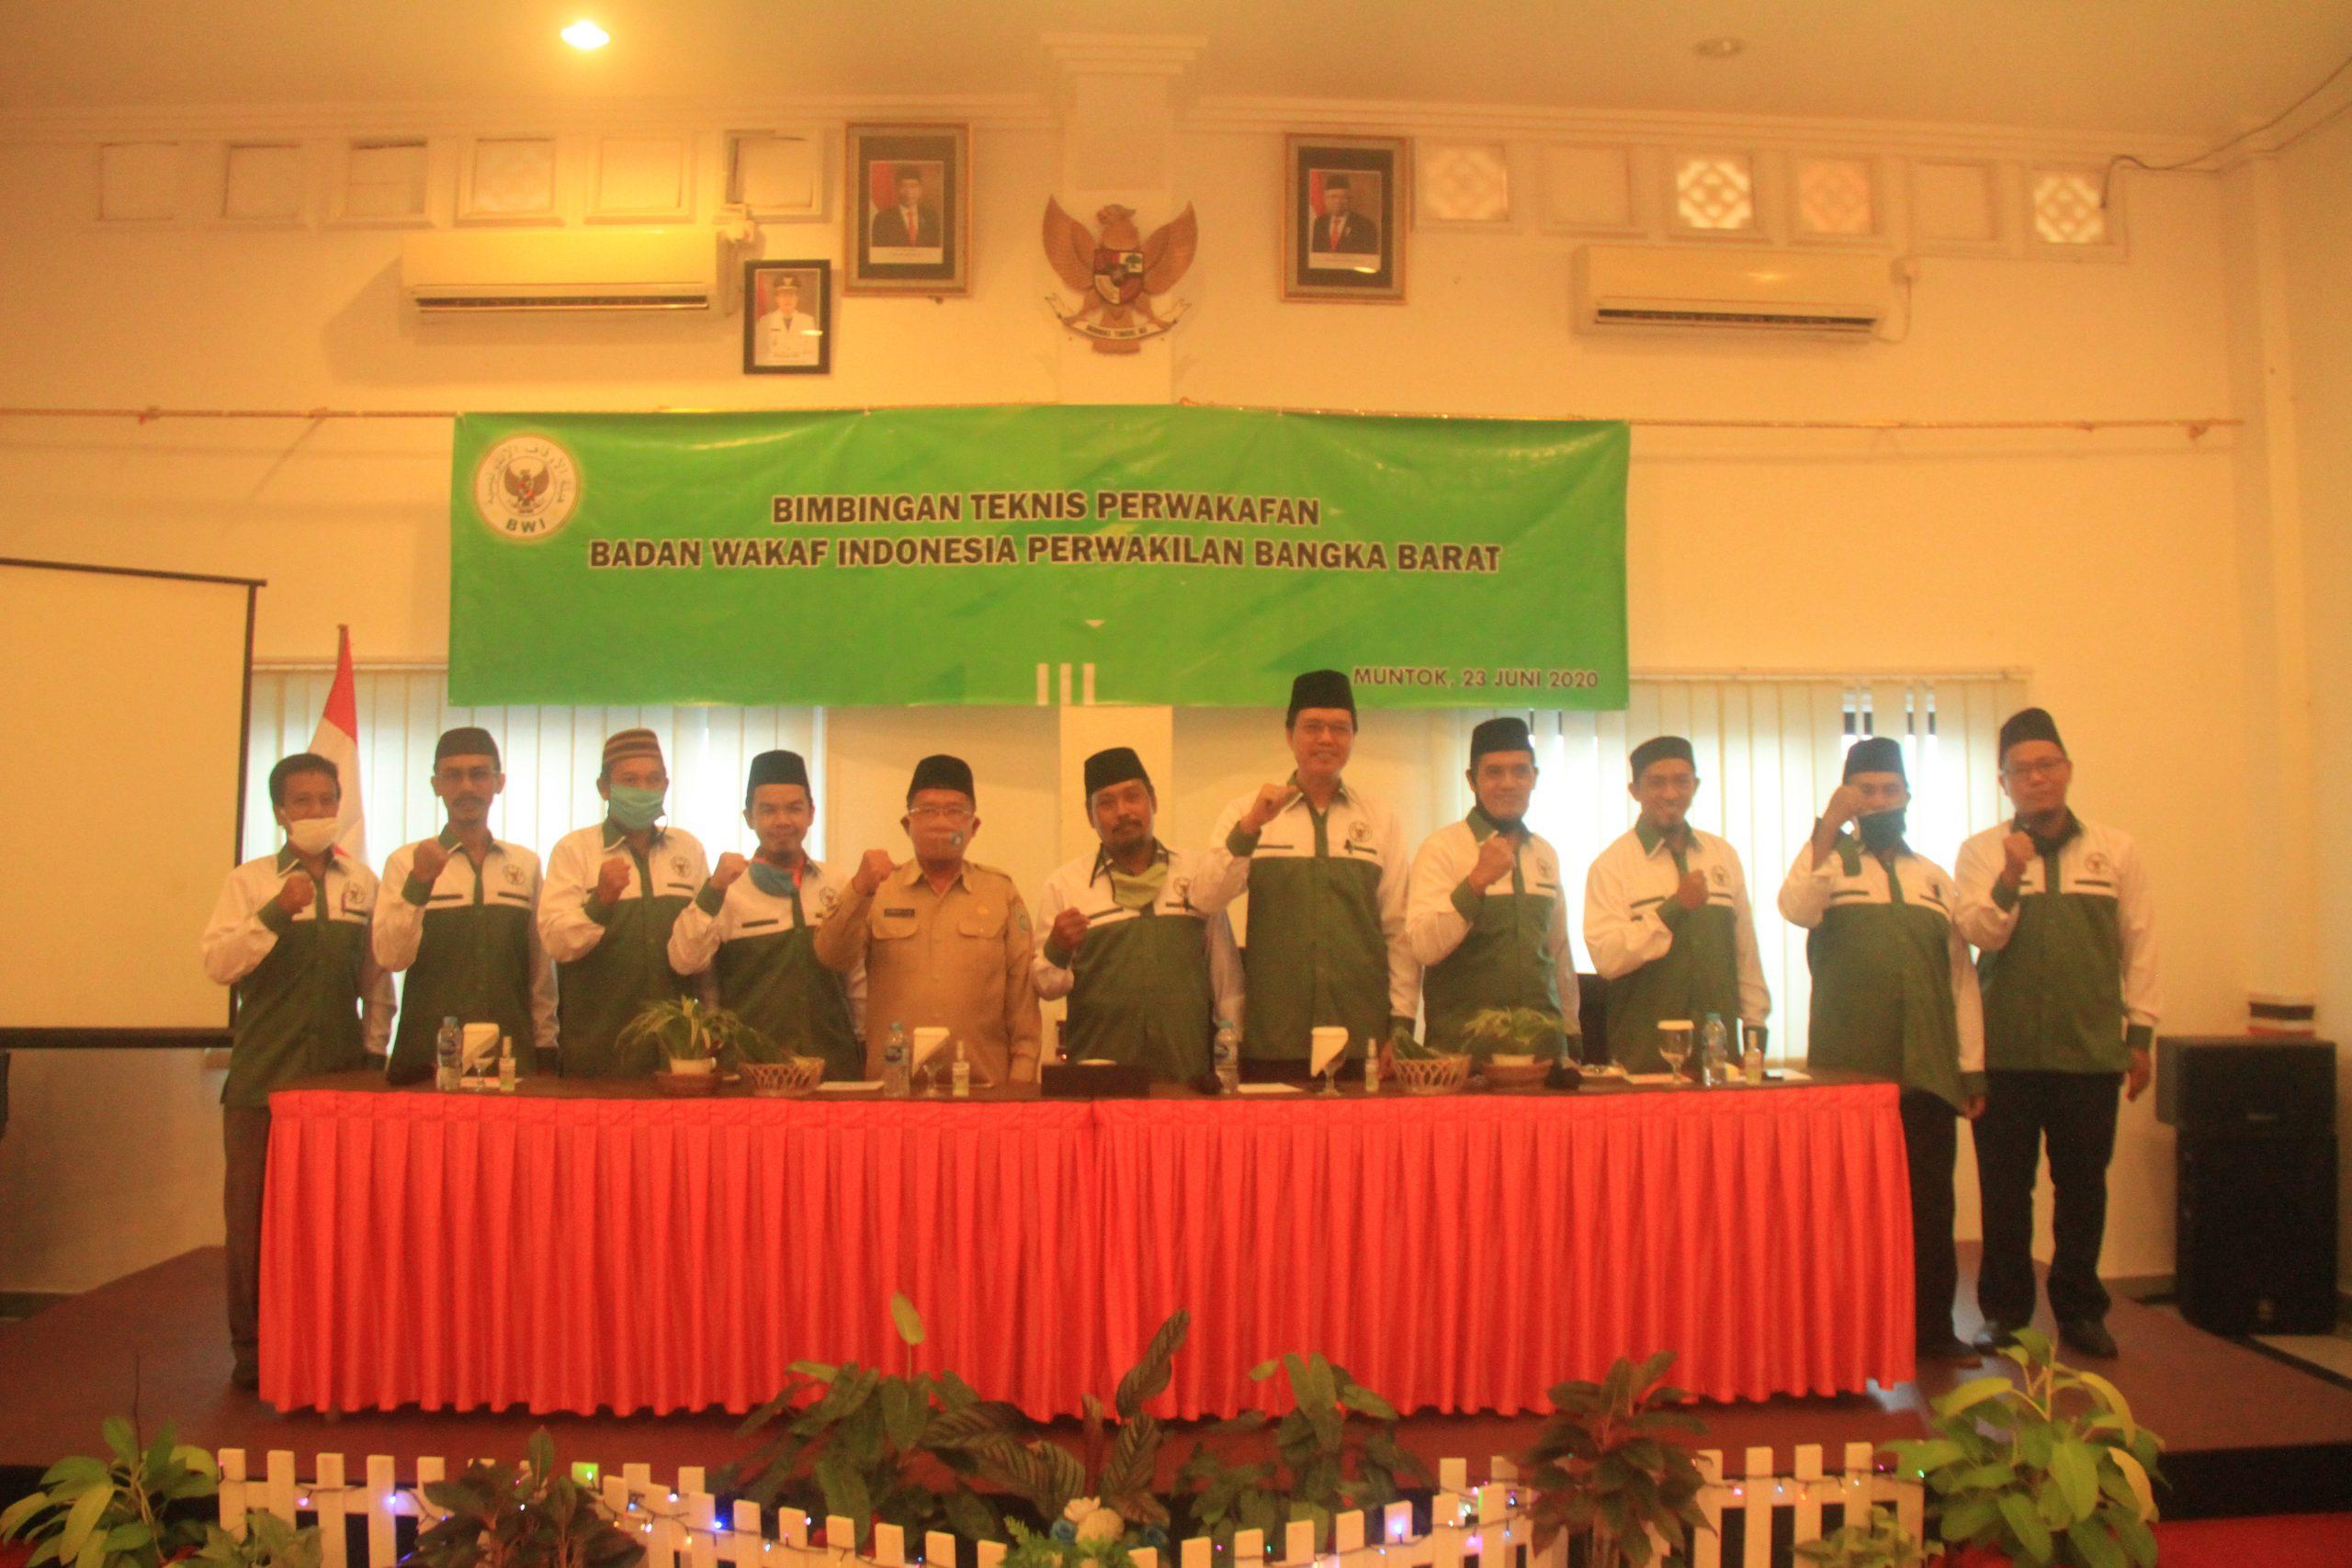 Badan Wakaf Indonesia (BWI) Perwakilan Bangka Barat Menggelar Bimbingan Teknis Perwakafan